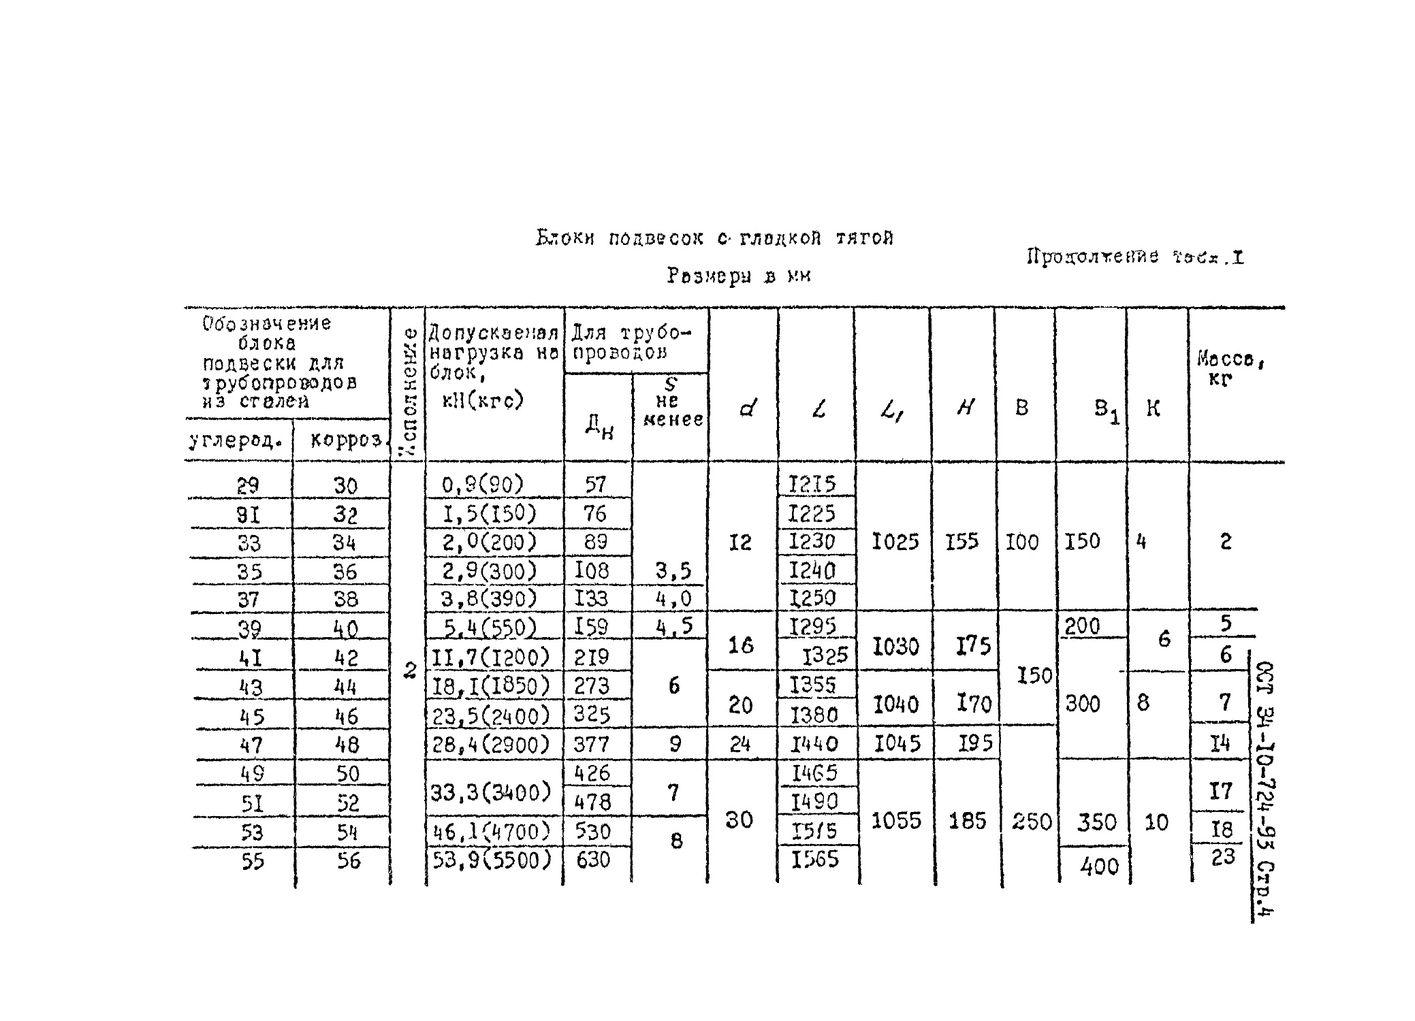 Блоки подвесок приварные для горизонтальных трубопроводов ОСТ 34-10-724-93 стр.4